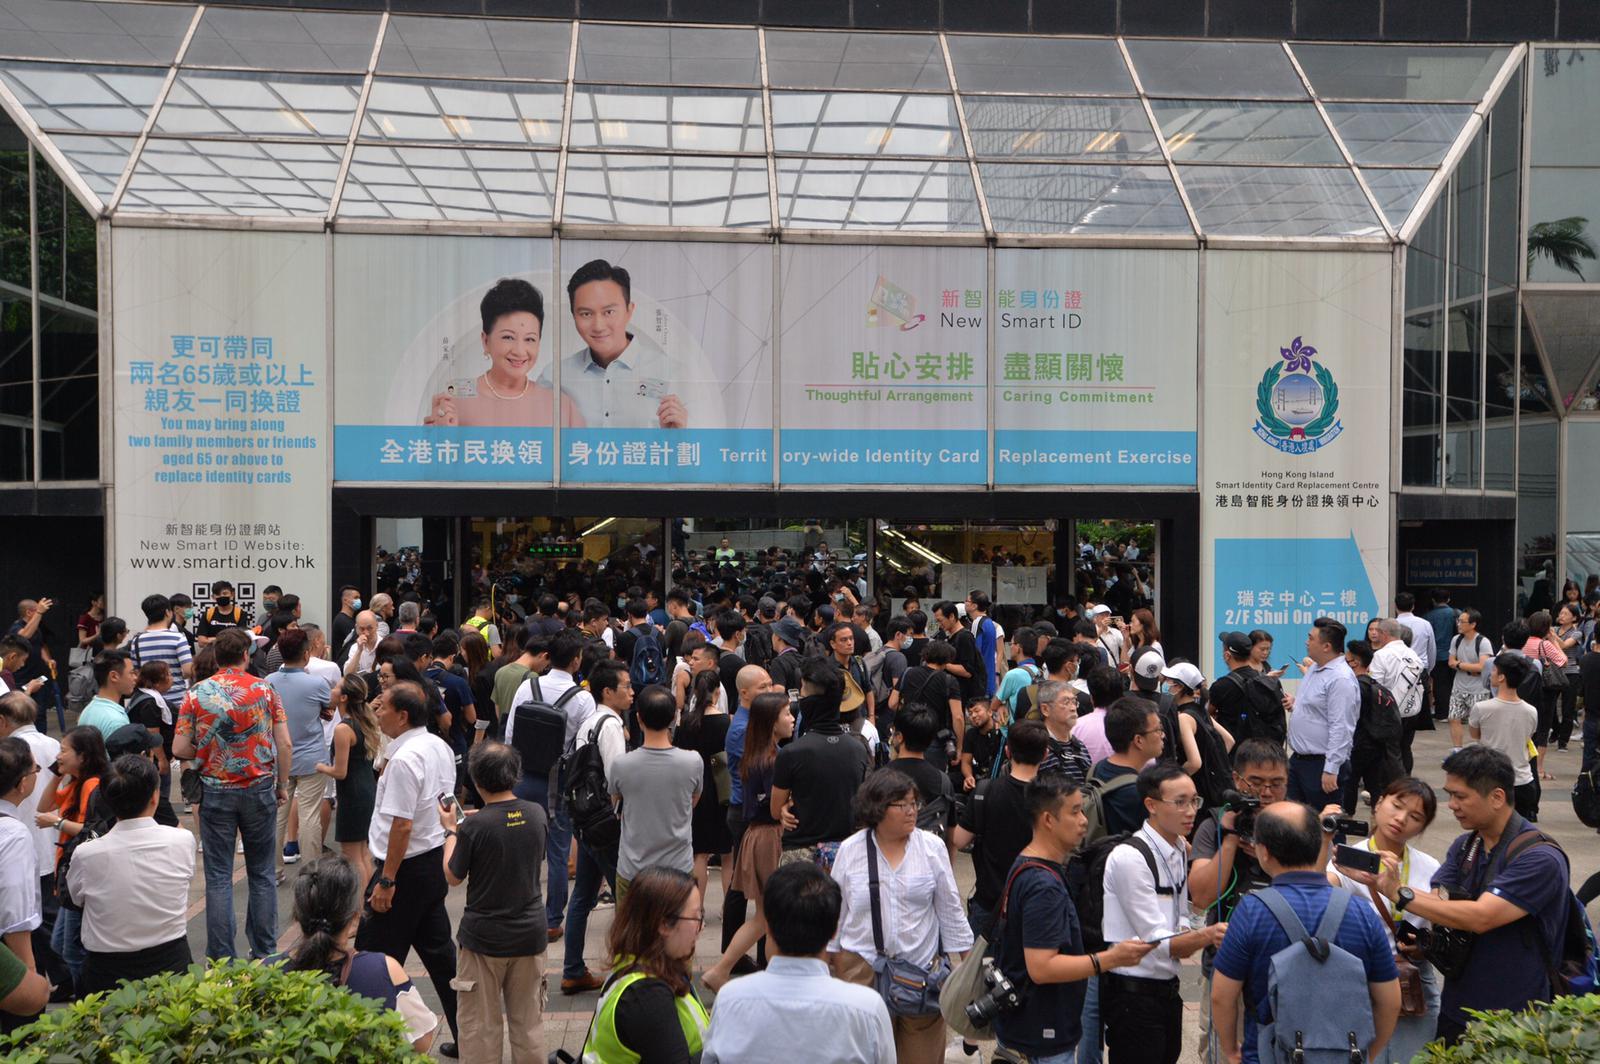 大批黑衣示威者轉往入境事務大樓擾攘